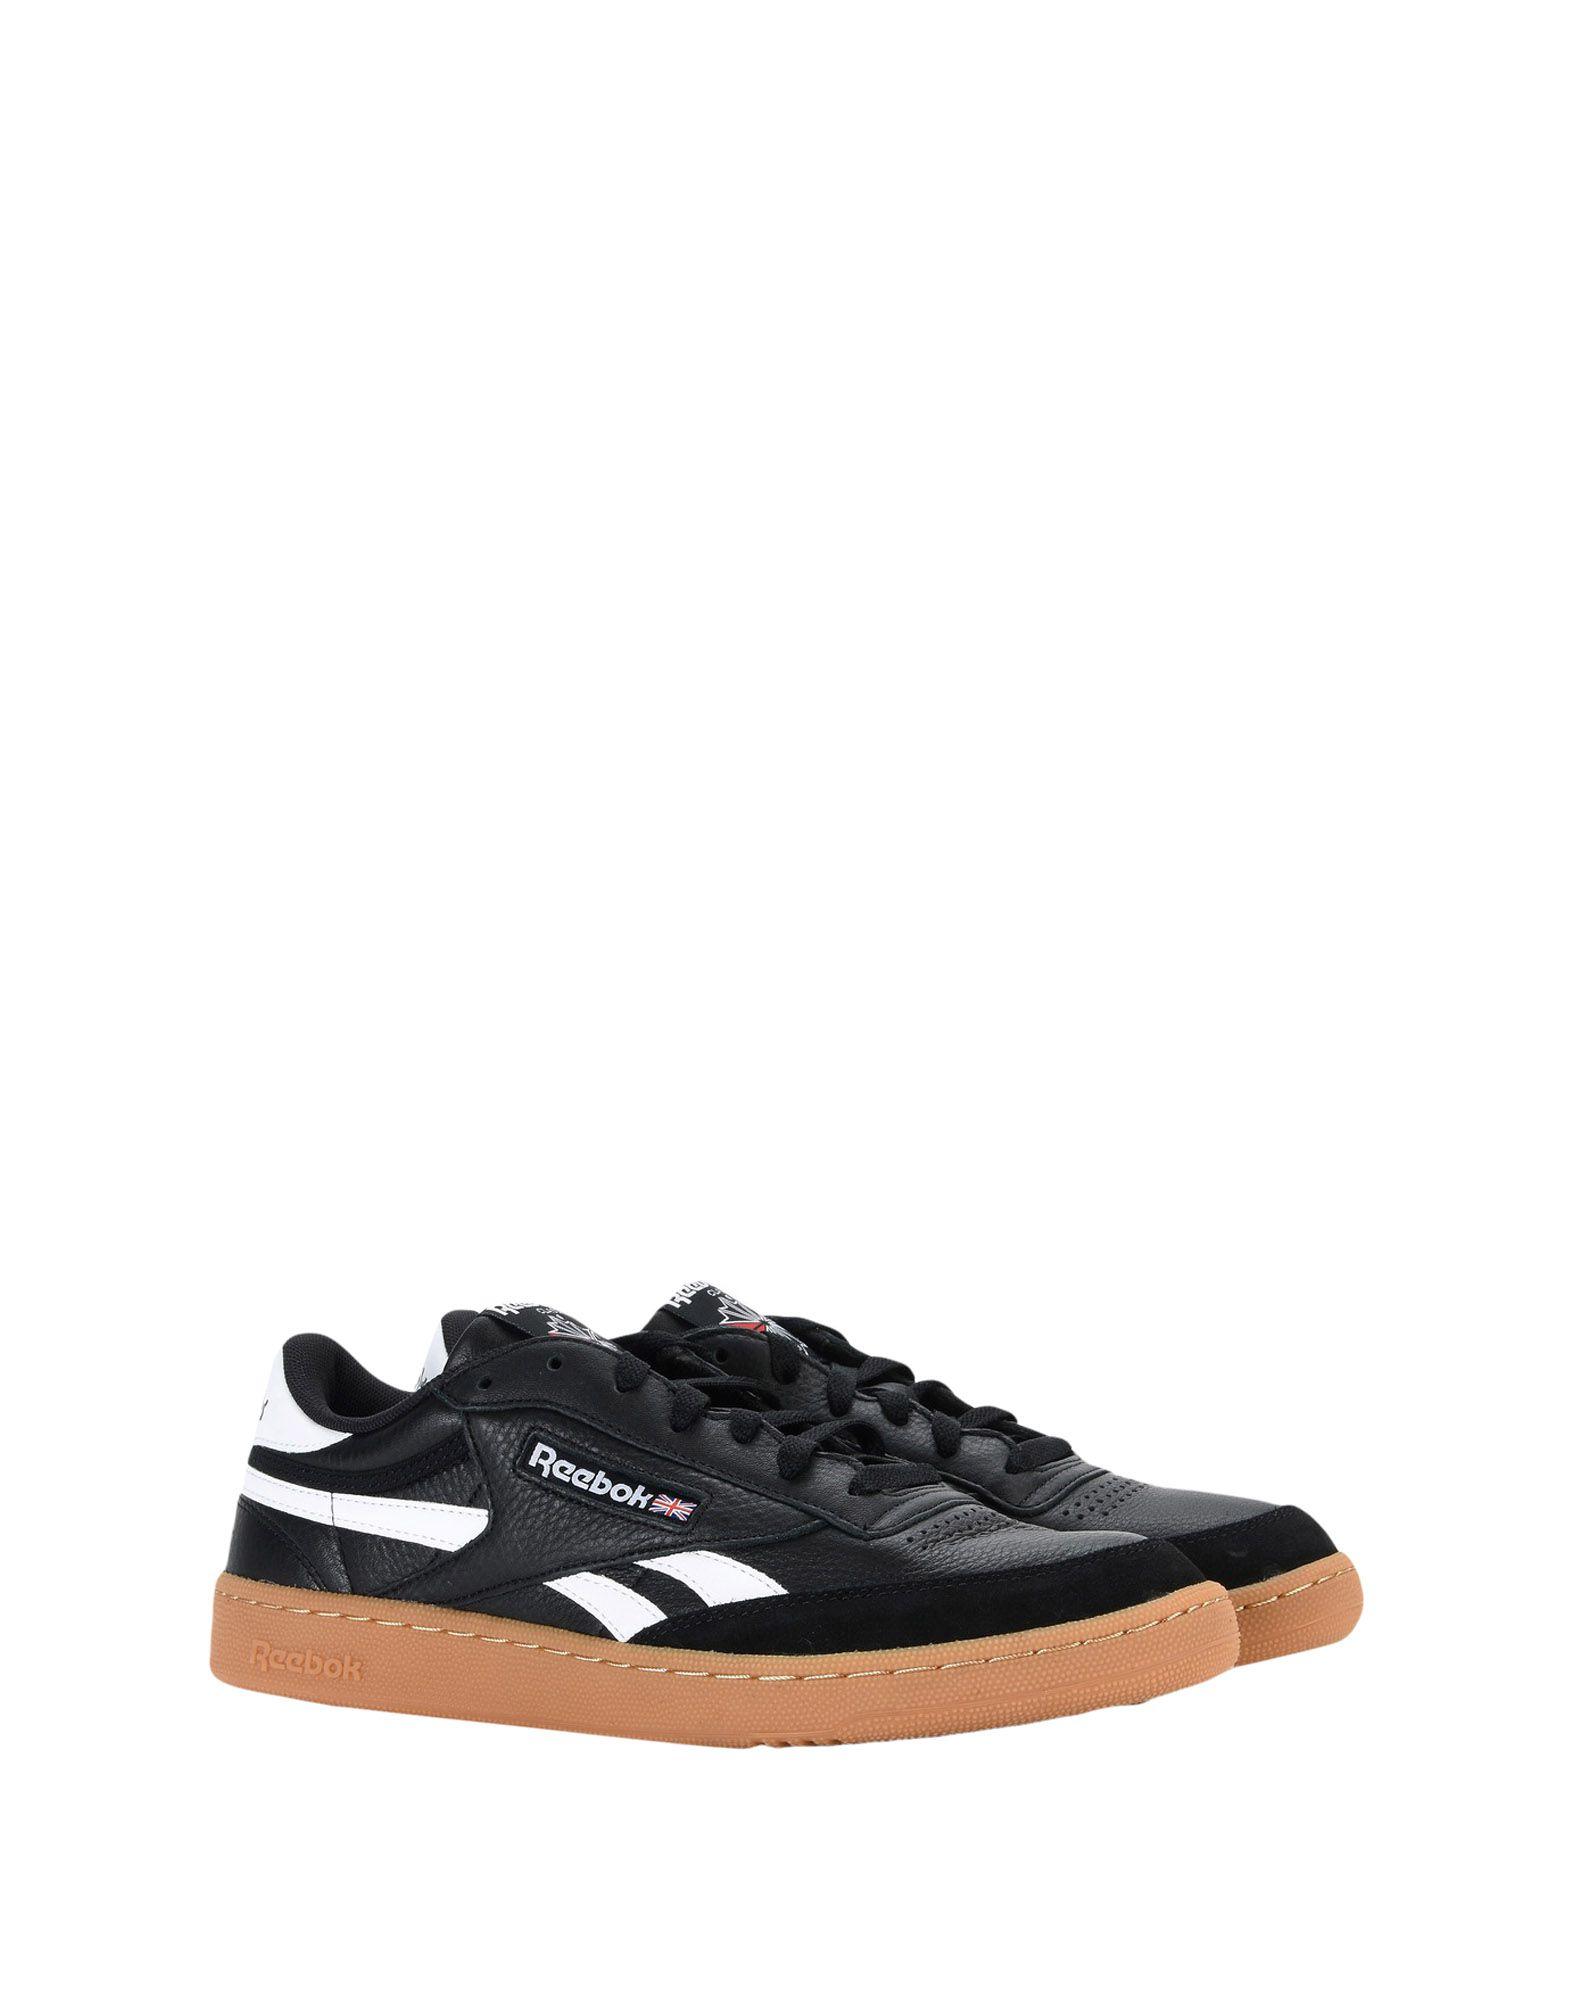 Rabatt echte Gum Schuhe Reebok Revenge Plus Gum echte  11443321TL 6e4dcd